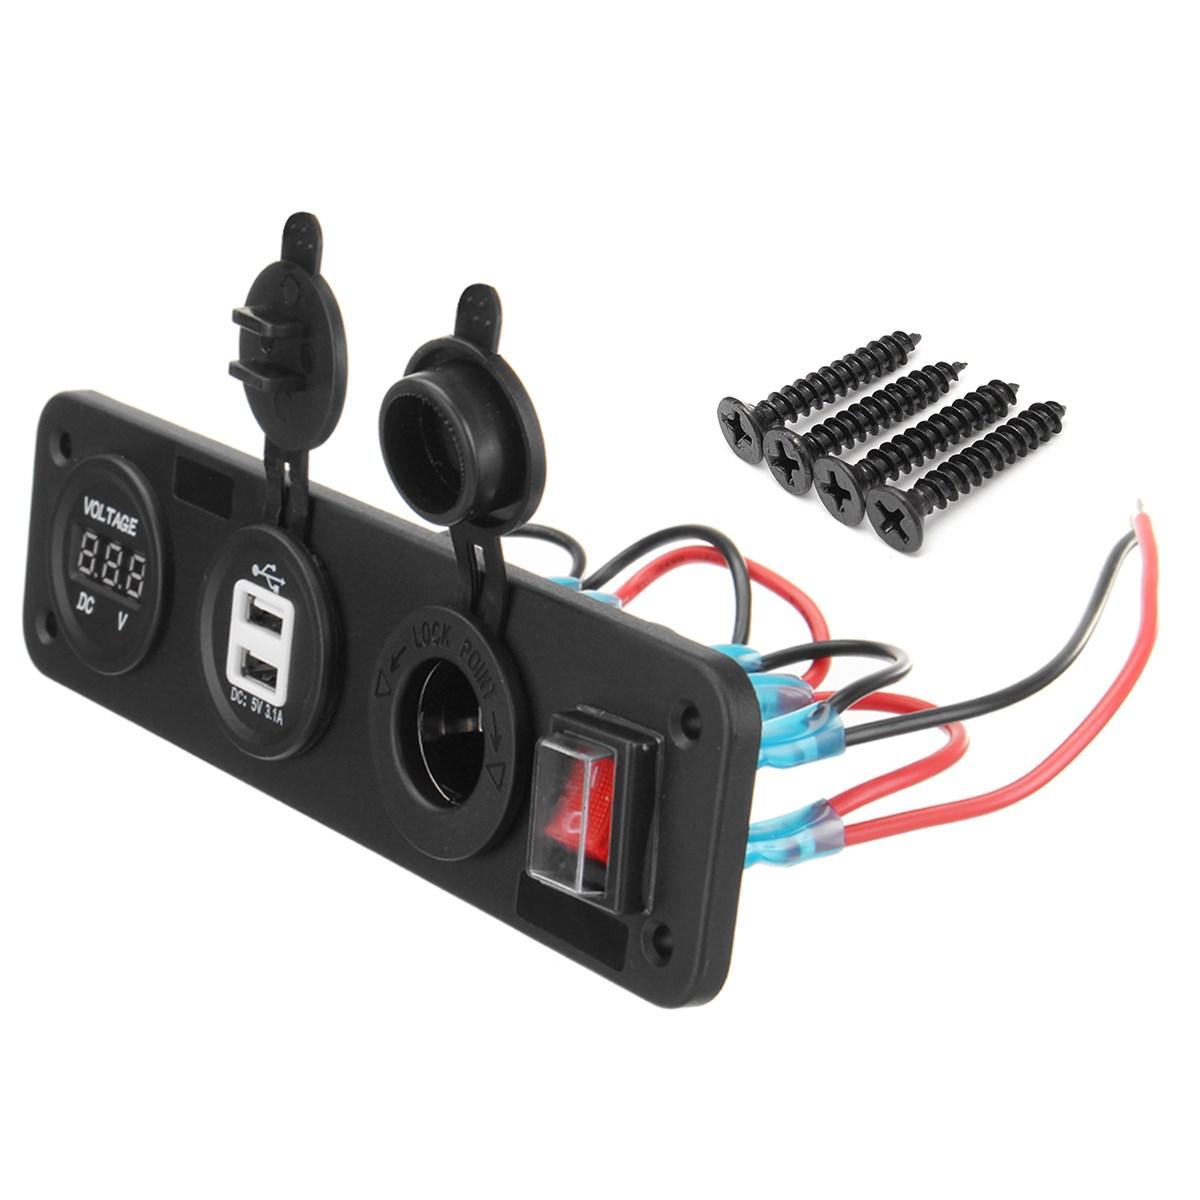 12V Dual USB Charger Car Boat Cigarette Lighter Socket Power Voltmeter Switch